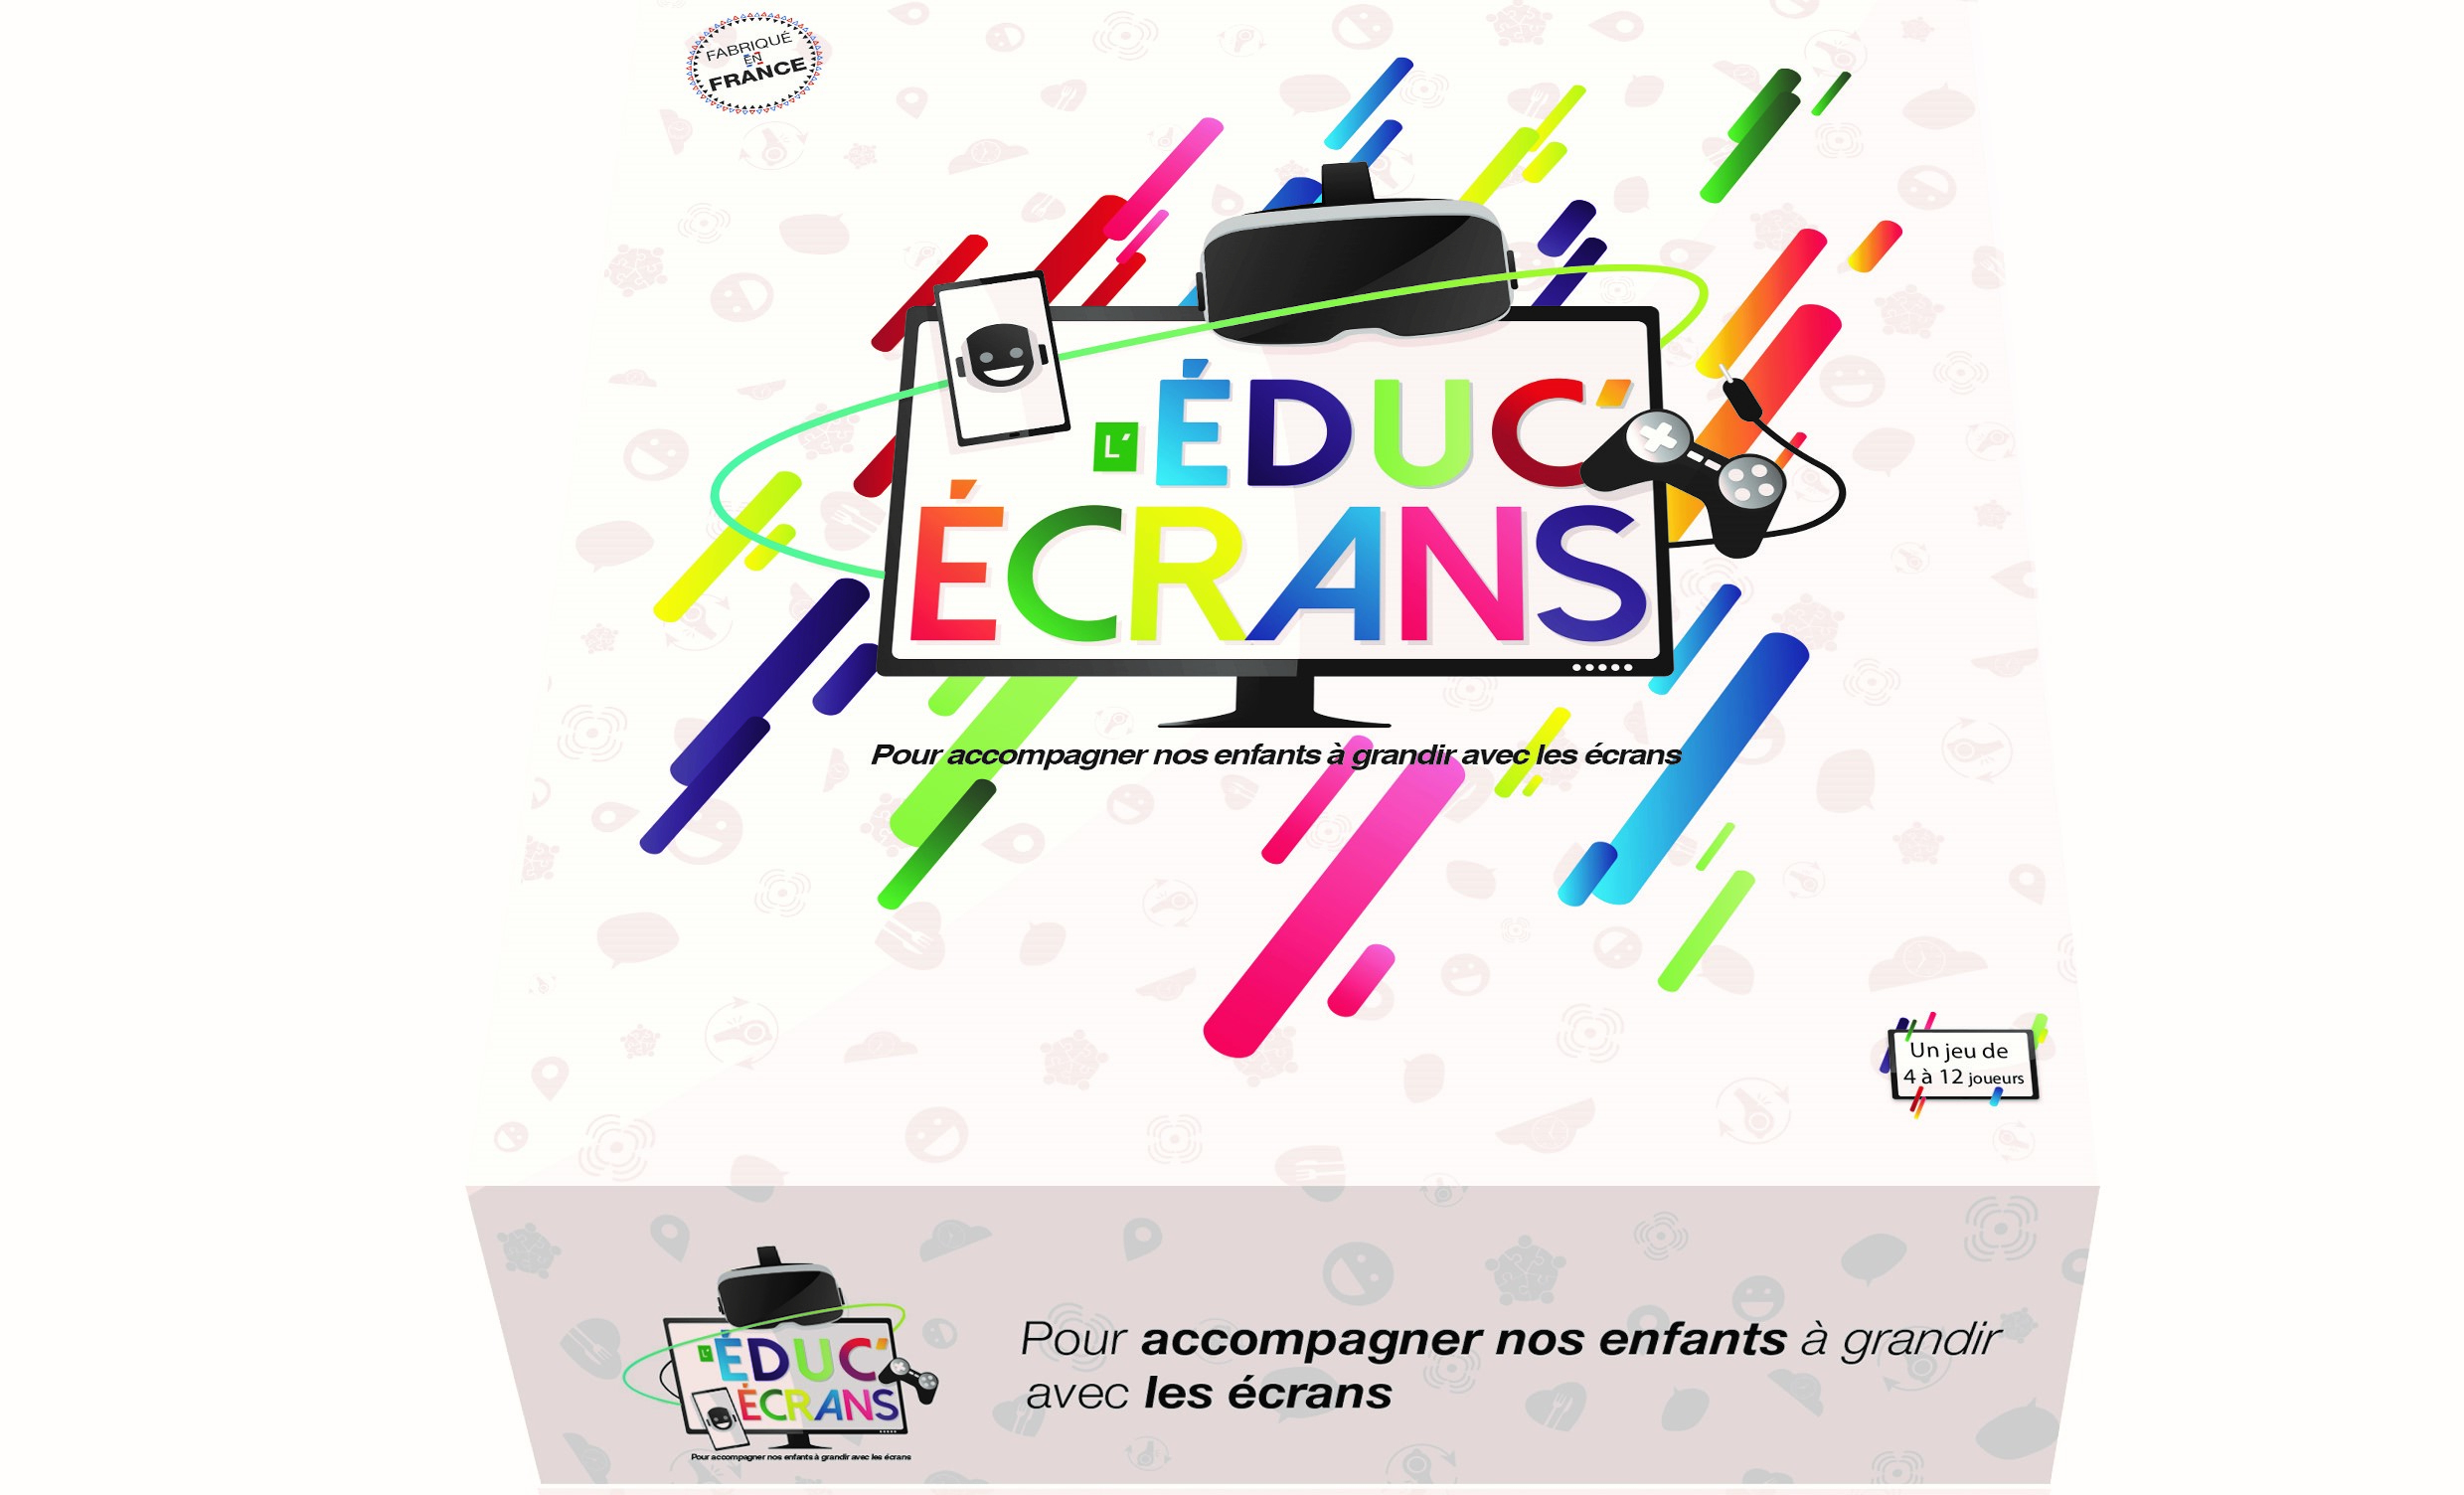 Prévention Des Risques Liés Aux Écrans : L'educ'ecrans avec Jeux Ludique Enfant